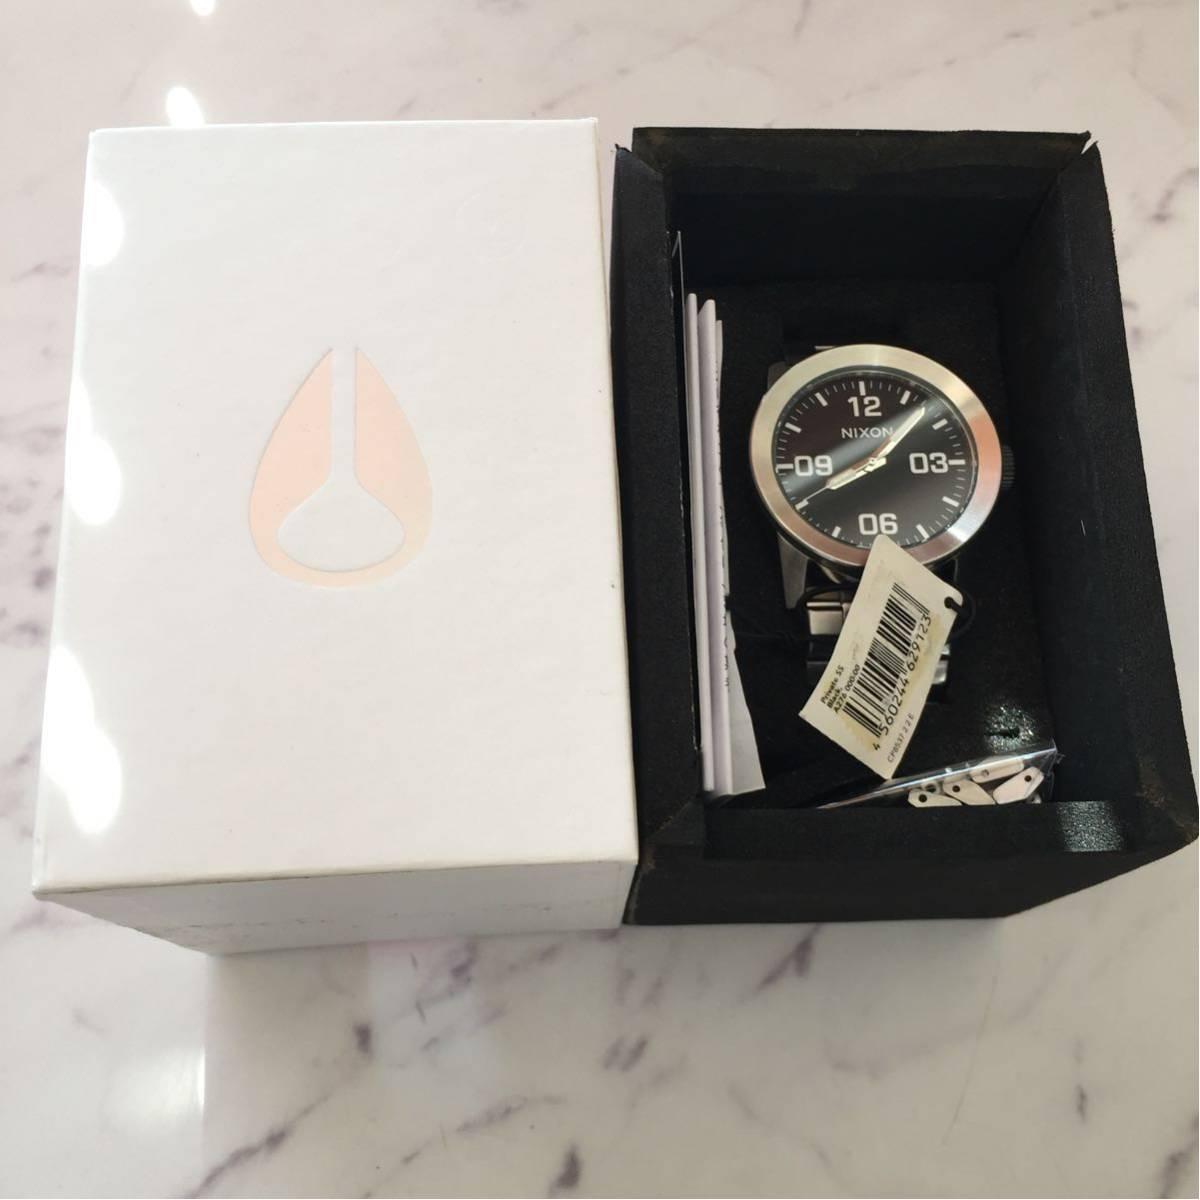 新品箱付き NIXON ニクソン 腕時計 PRIVATE プライベート A276-000 ブラック メタル A276000_画像6